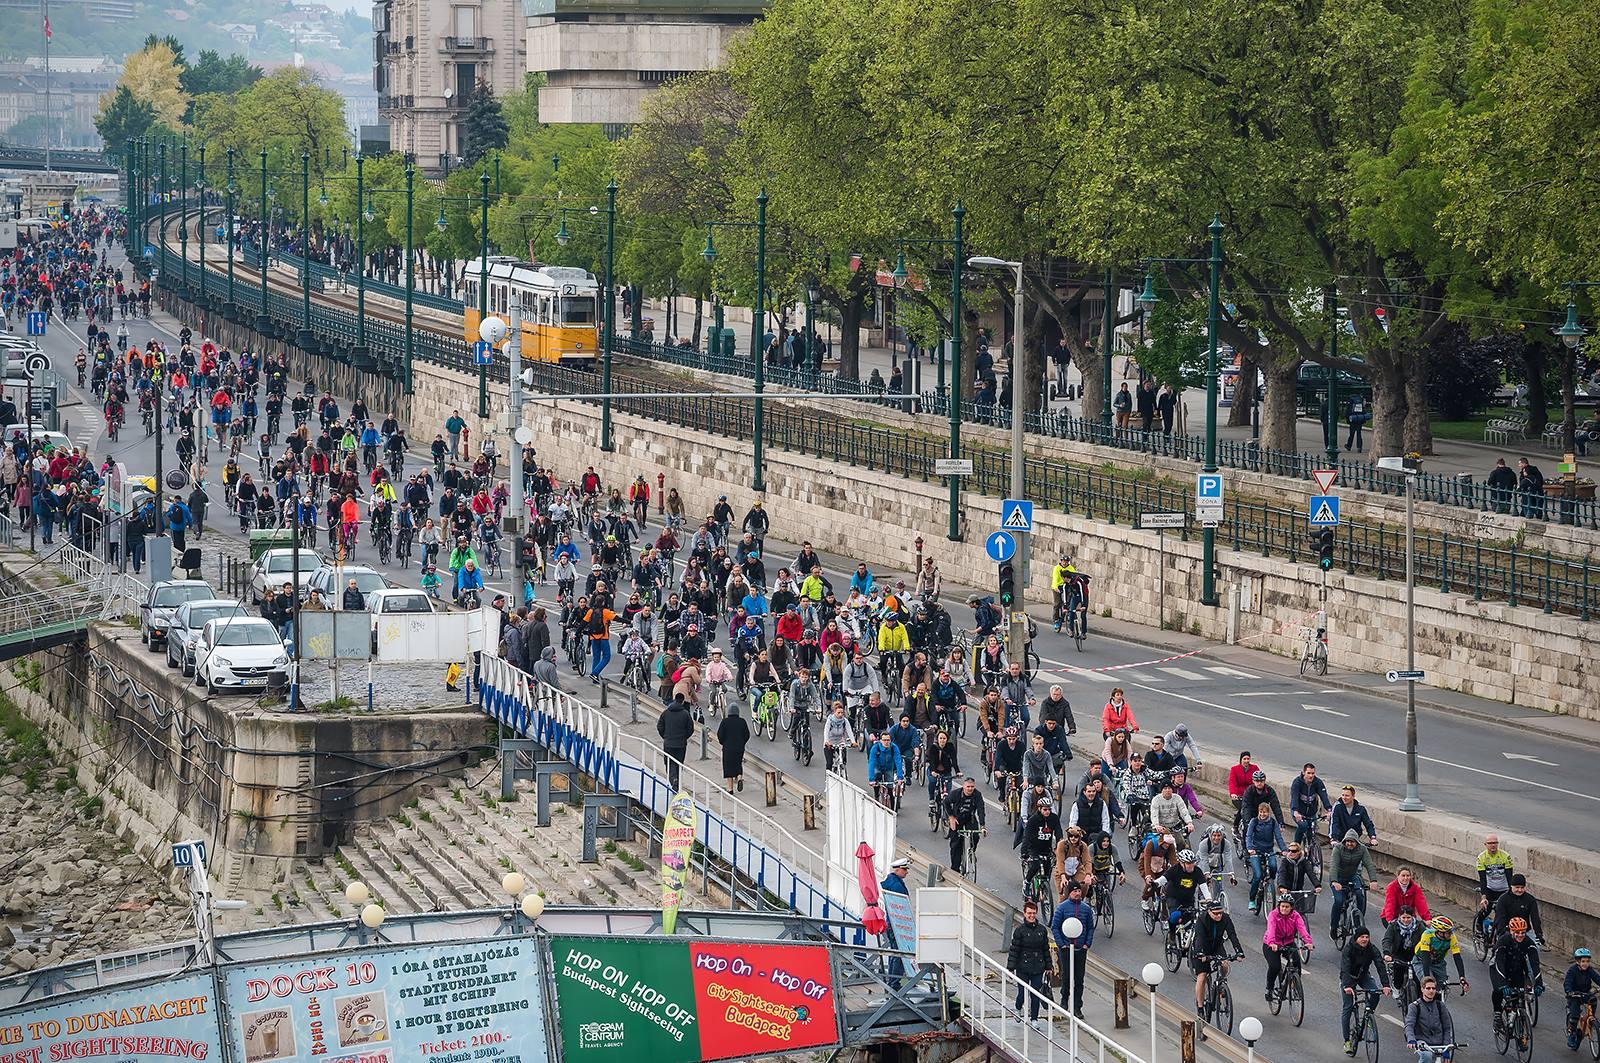 Kerékpározással a légszennyezés ellen – levél az EU-biztosnak és 9 ország miniszterének